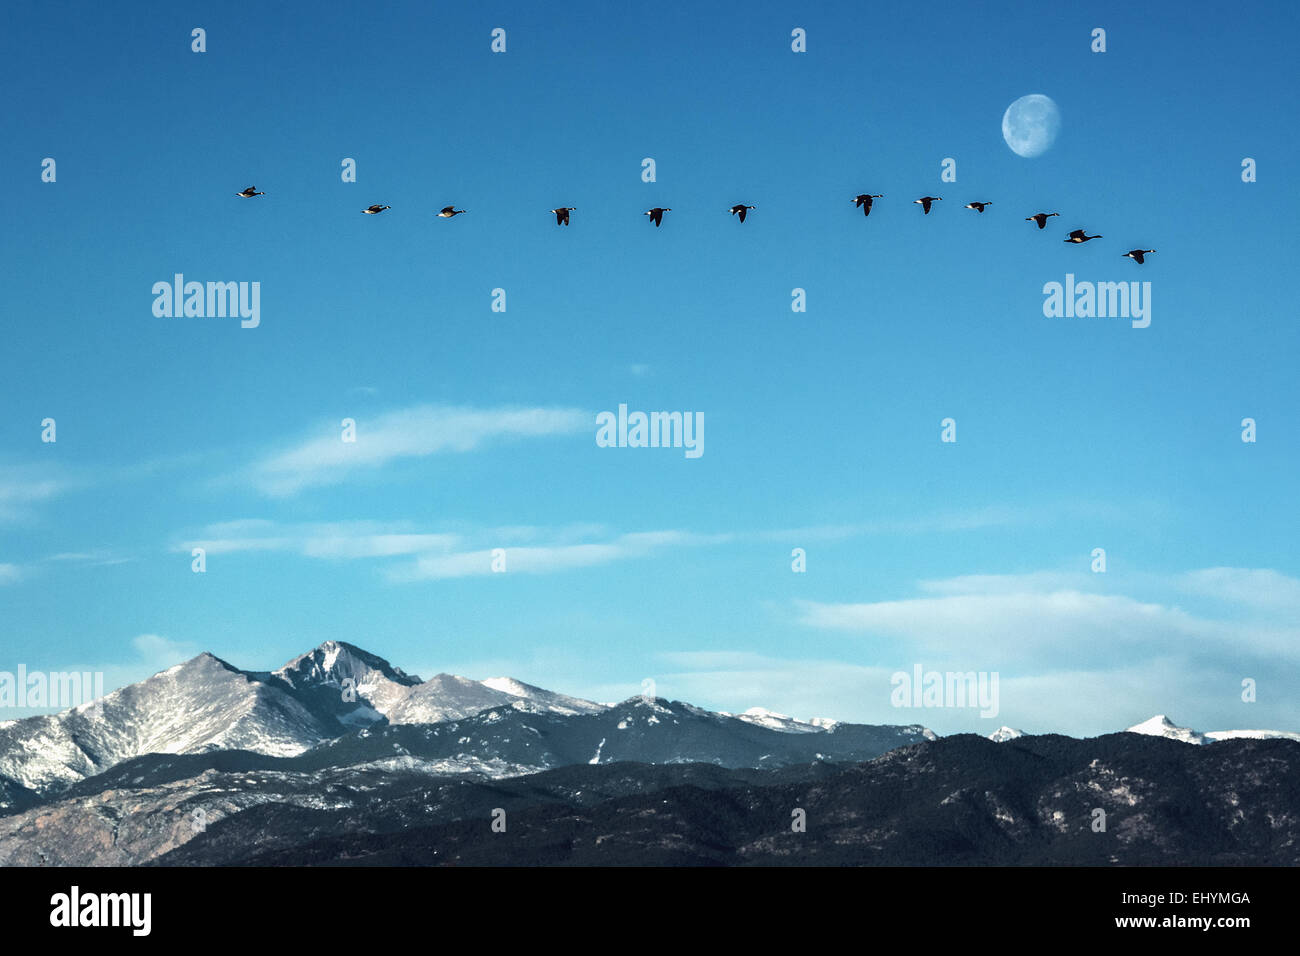 Troupeau d'oies en vol avant de la lune sur les sommets des Rocheuses, au Colorado Photo Stock